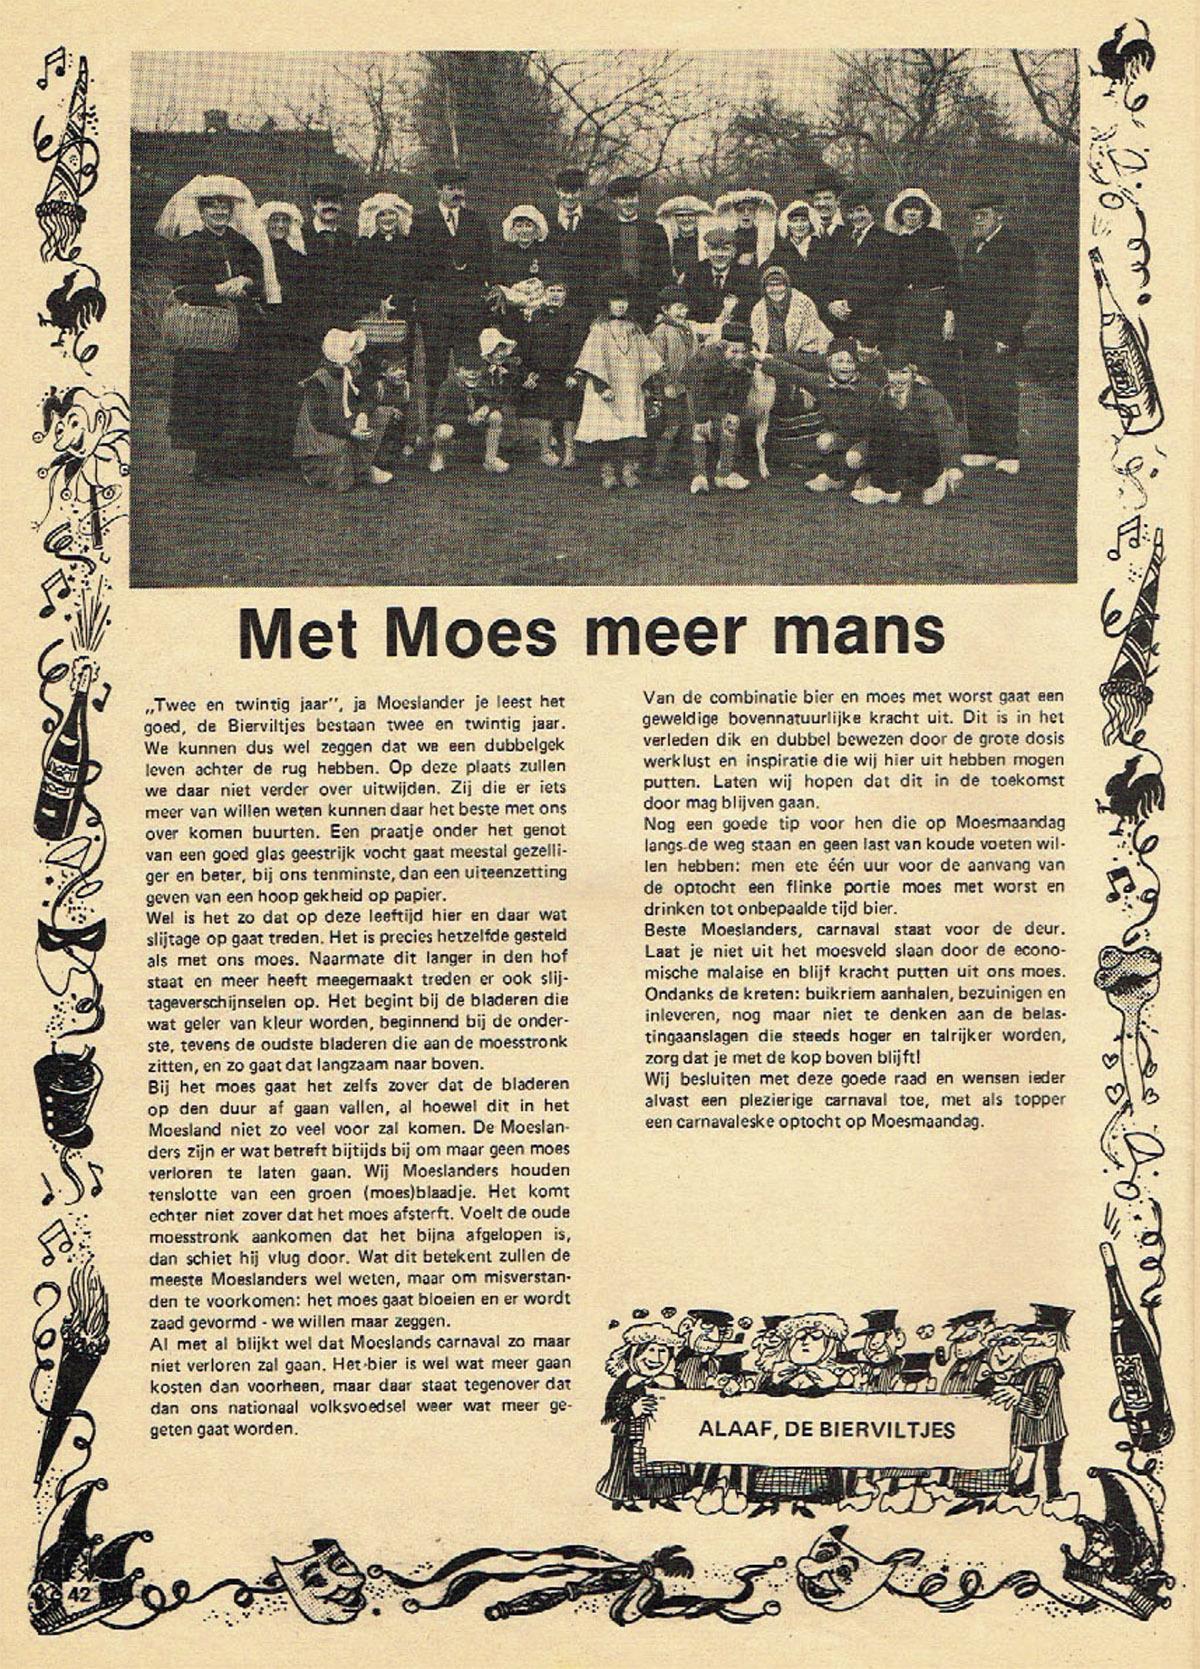 Stuk uit de carnavalskrant van de Bierviltjes - 1982